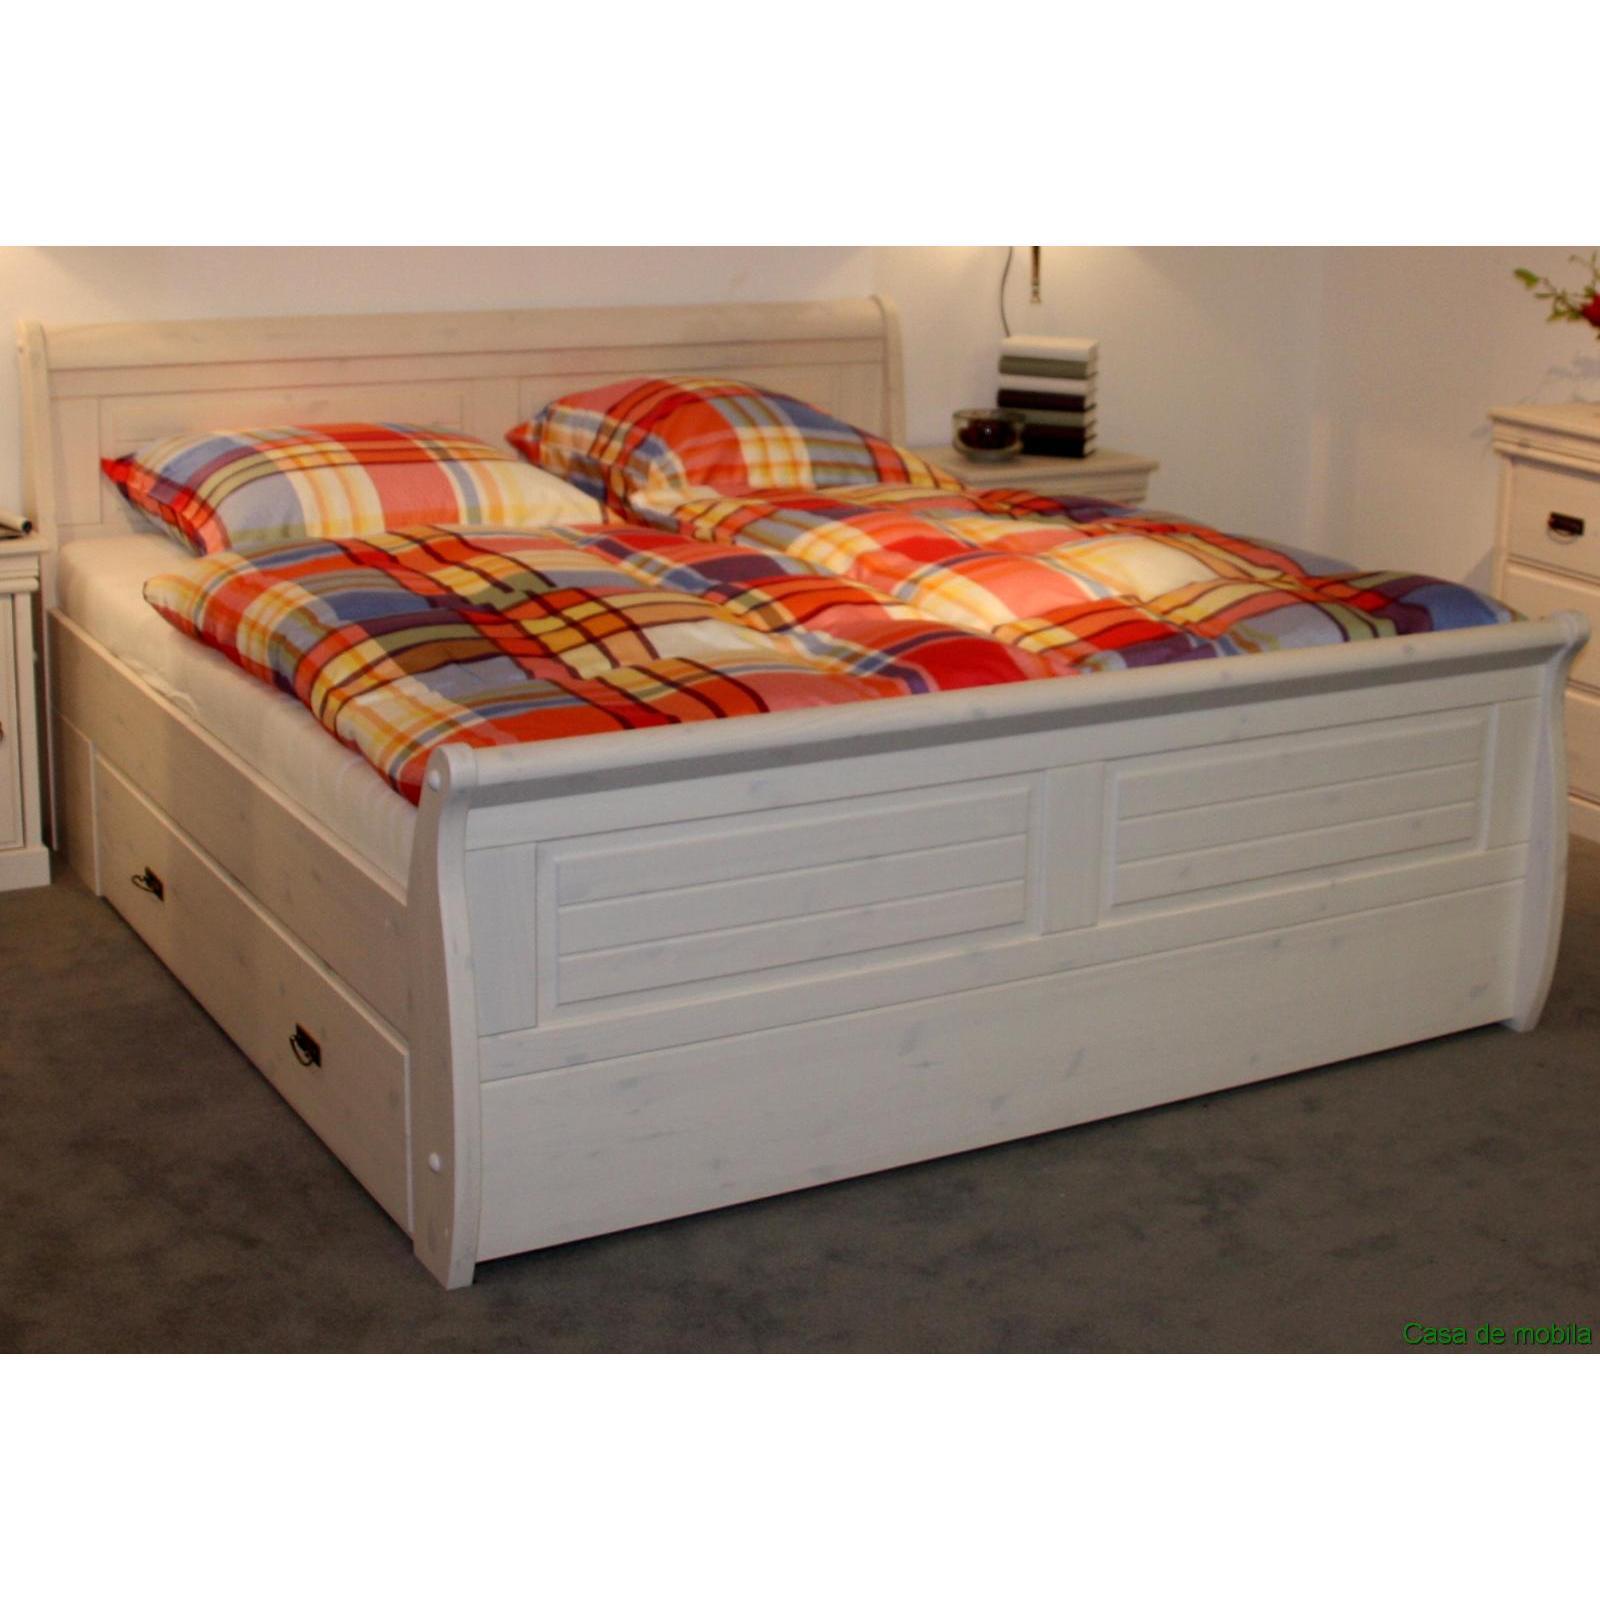 Schlafzimmer wei massiv